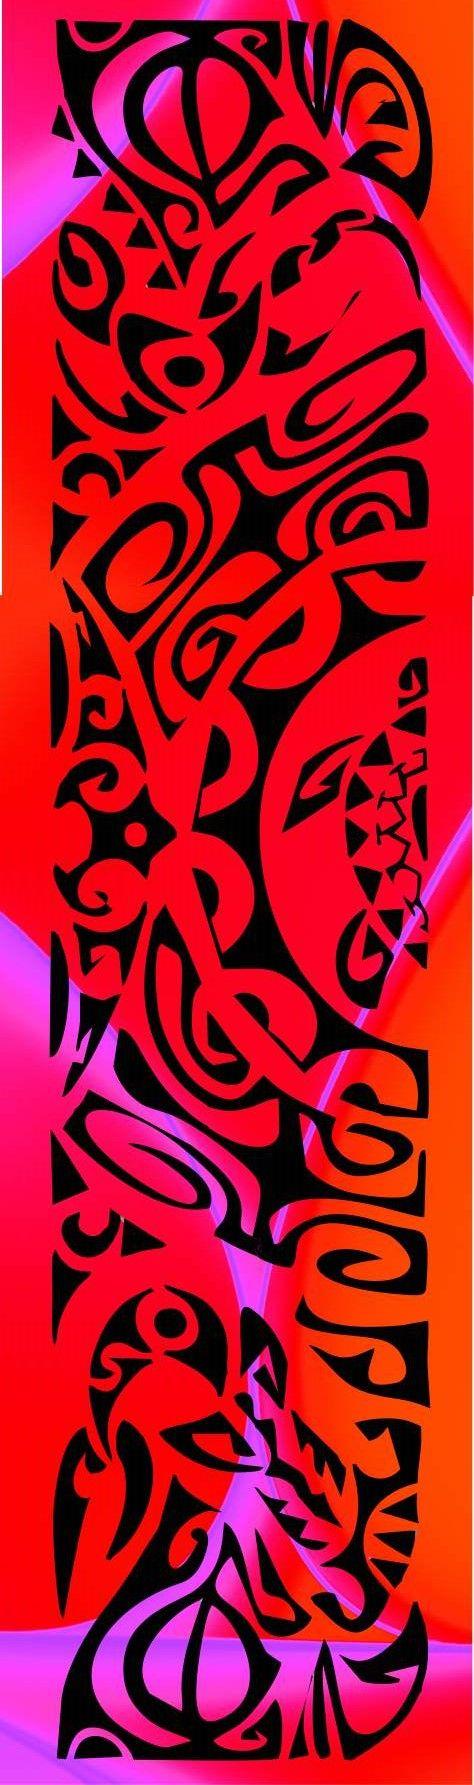 Un nuovo, creativo e innovativo, di reinterpretare il design attraverso la creazione di dipinti unici realizzati in diversi stili di pittura.  Il lavoro svolto su tela o di vetro è stata eseguita con una tecnica mista di pittura e stampa digitale, in cui l'unicità del pezzo creato è garanzia di originalità, personalità e indipendenza